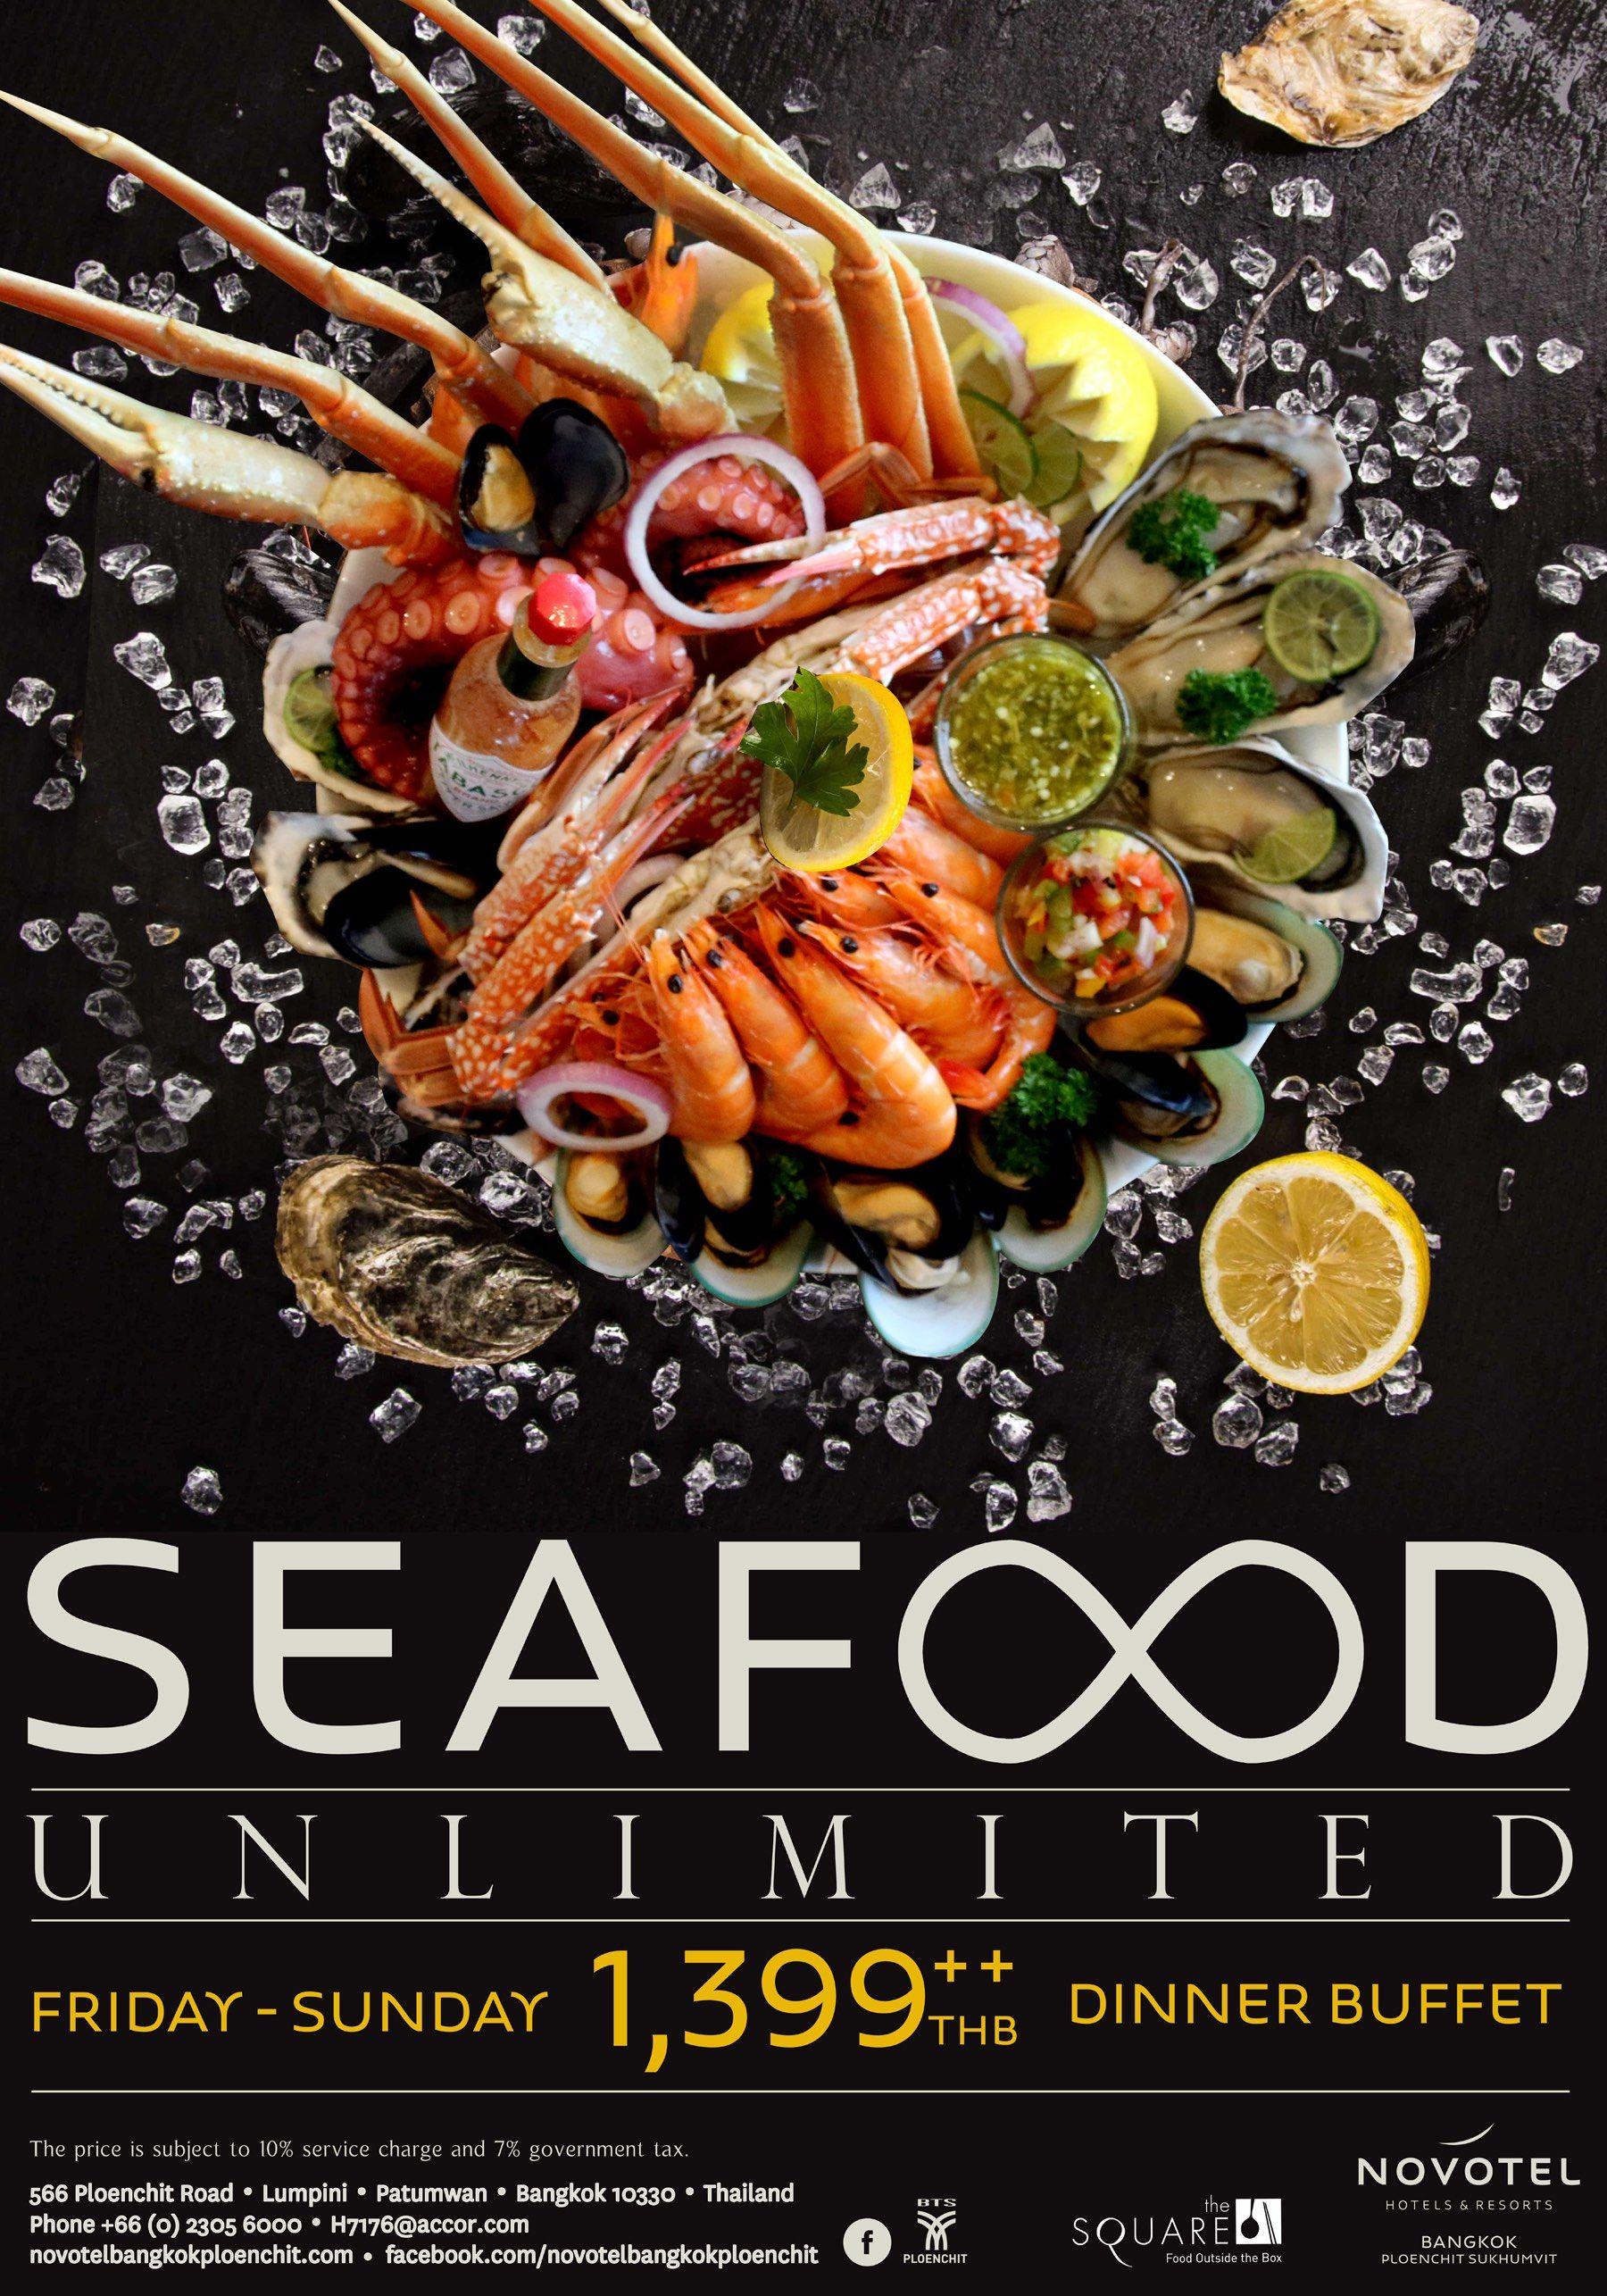 'Seafood Unlimited' ซีฟู้ดรูปแบบใหม่ที่โนโวเทล กรุงเทพ เพลินจิต สุขุมวิท - http://www.prbuffet.com/seafood-unlimited-%e0%b8%8b%e0%b8%b5%e0%b8%9f%e0%b8%b9%e0%b9%89%e0%b8%94%e0%b8%a3%e0%b8%b9%e0%b8%9b%e0%b9%81%e0%b8%9a%e0%b8%9a%e0%b9%83%e0%b8%ab%e0%b8%a1%e0%b9%88%e0%b8%97%e0%b8%b5/